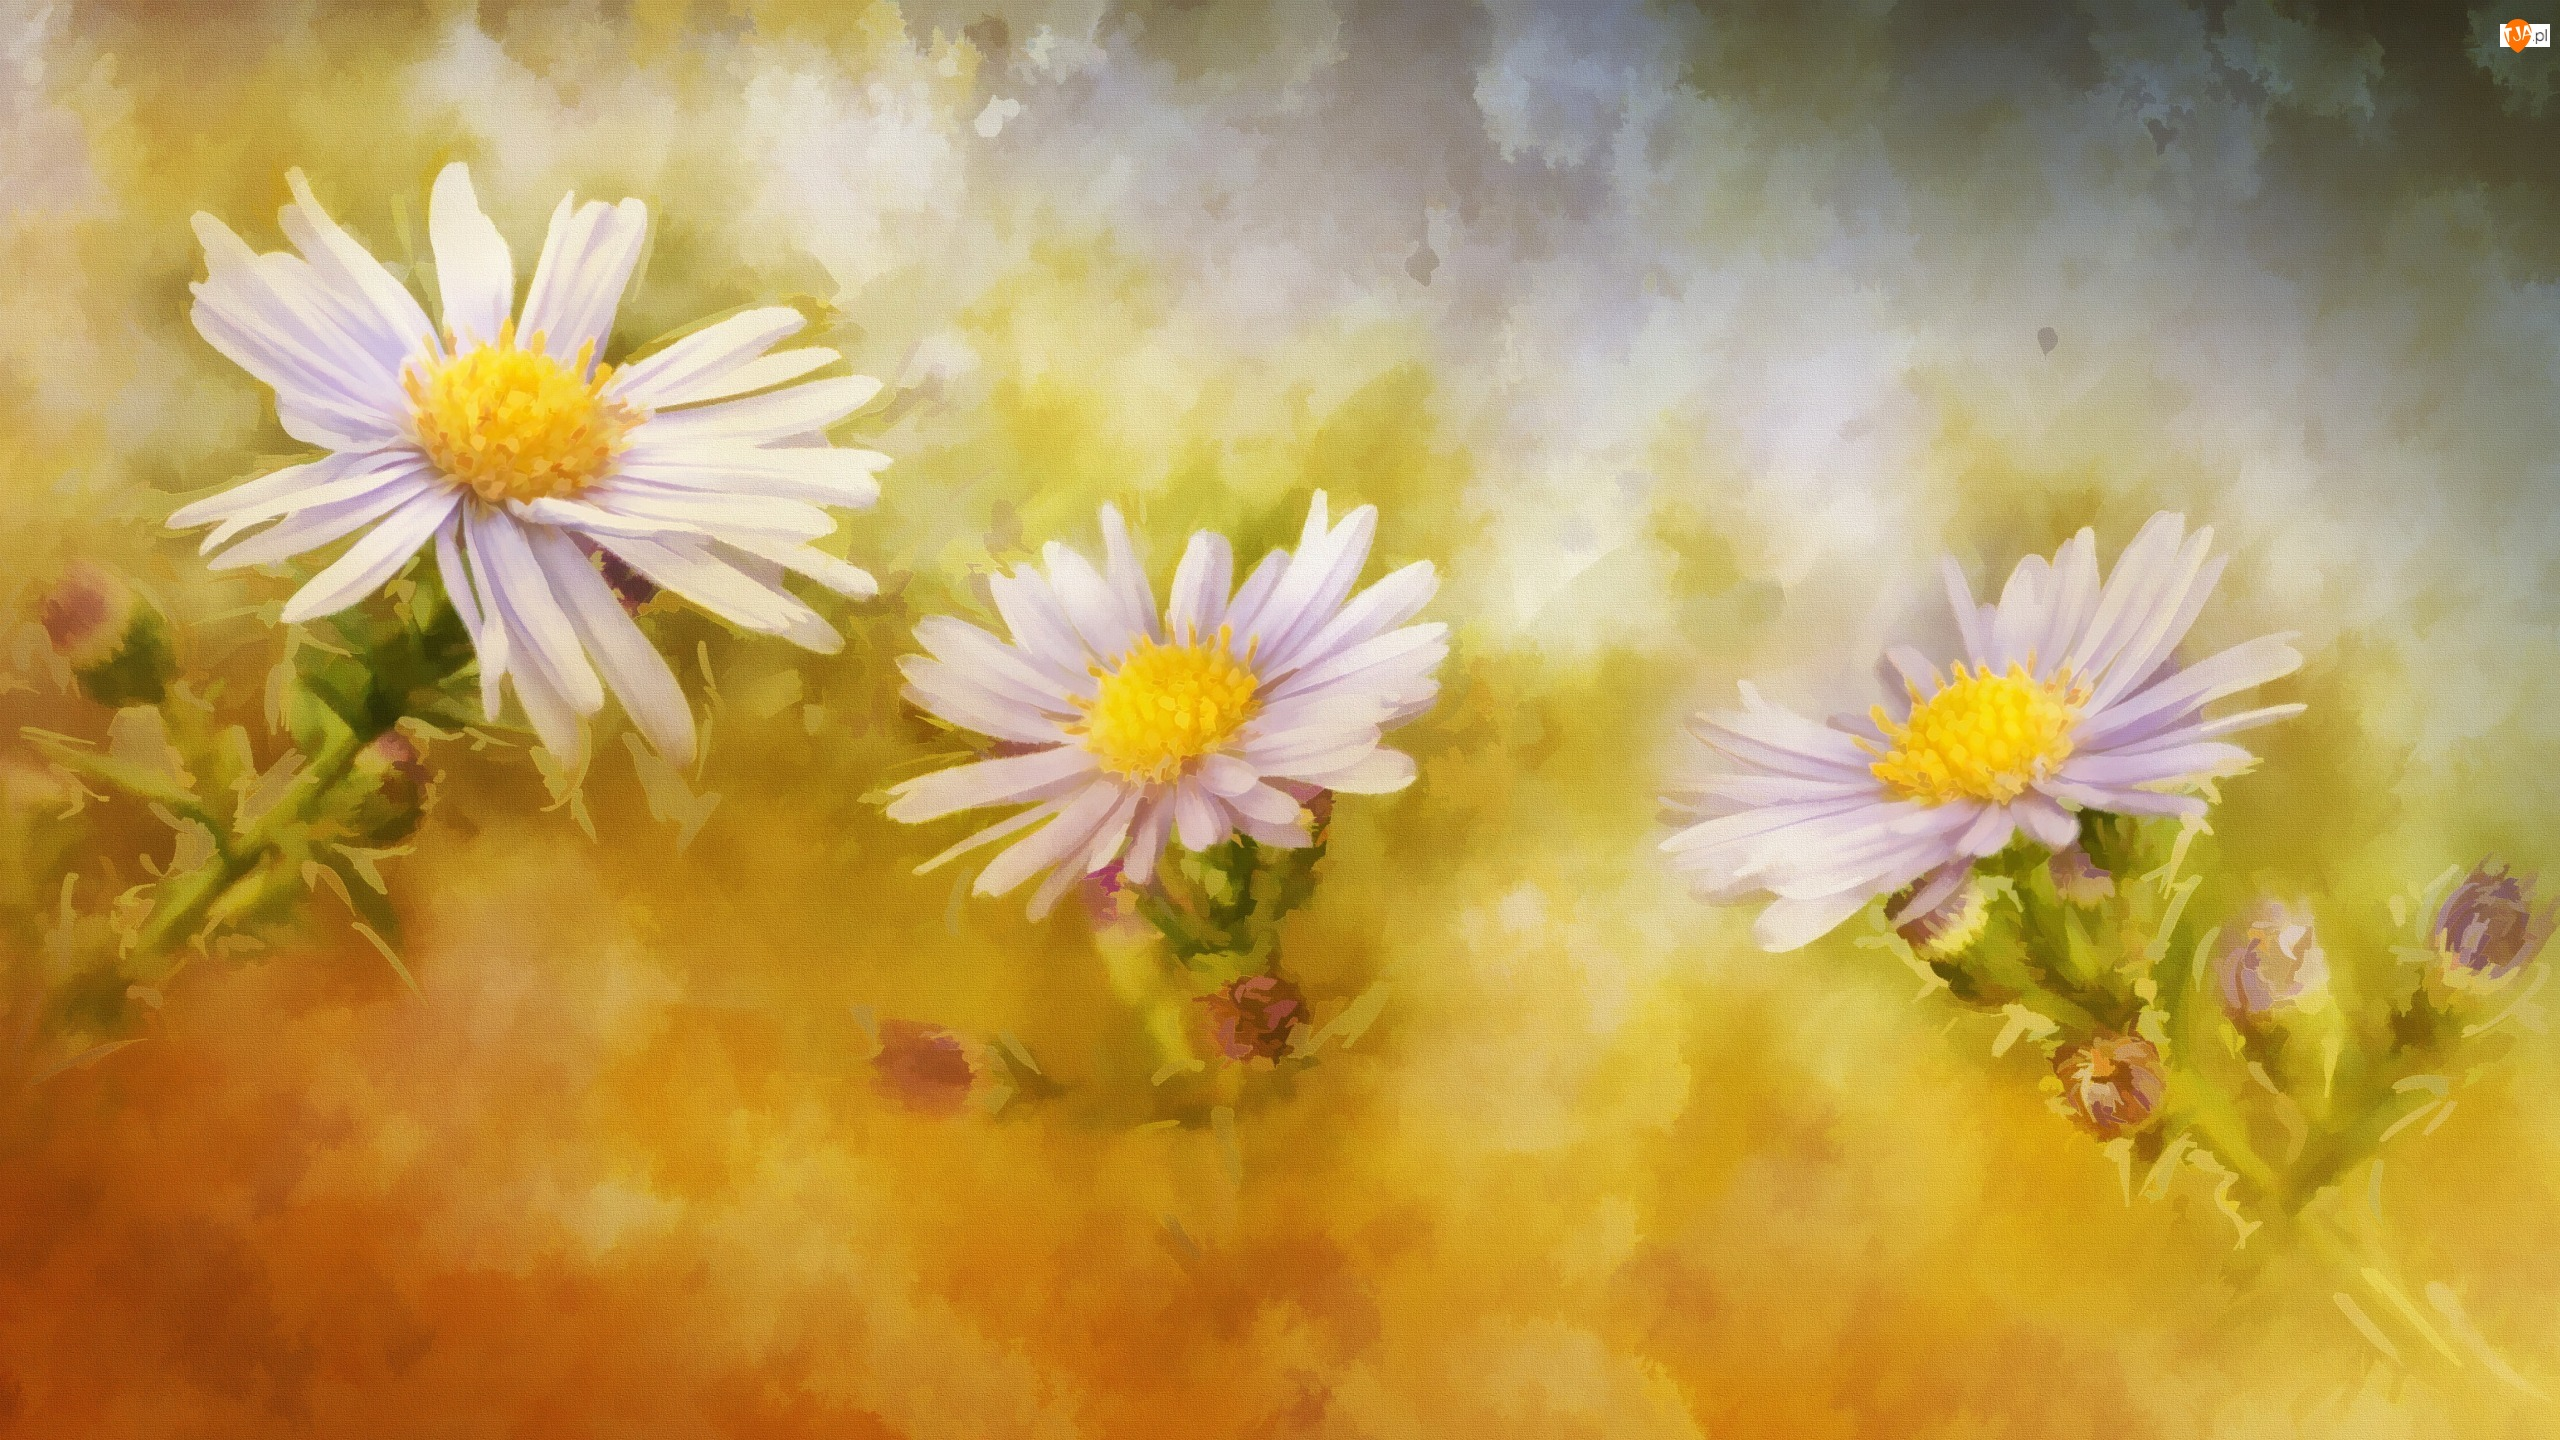 Astry, Reprodukcja, Obraz, Kwiaty